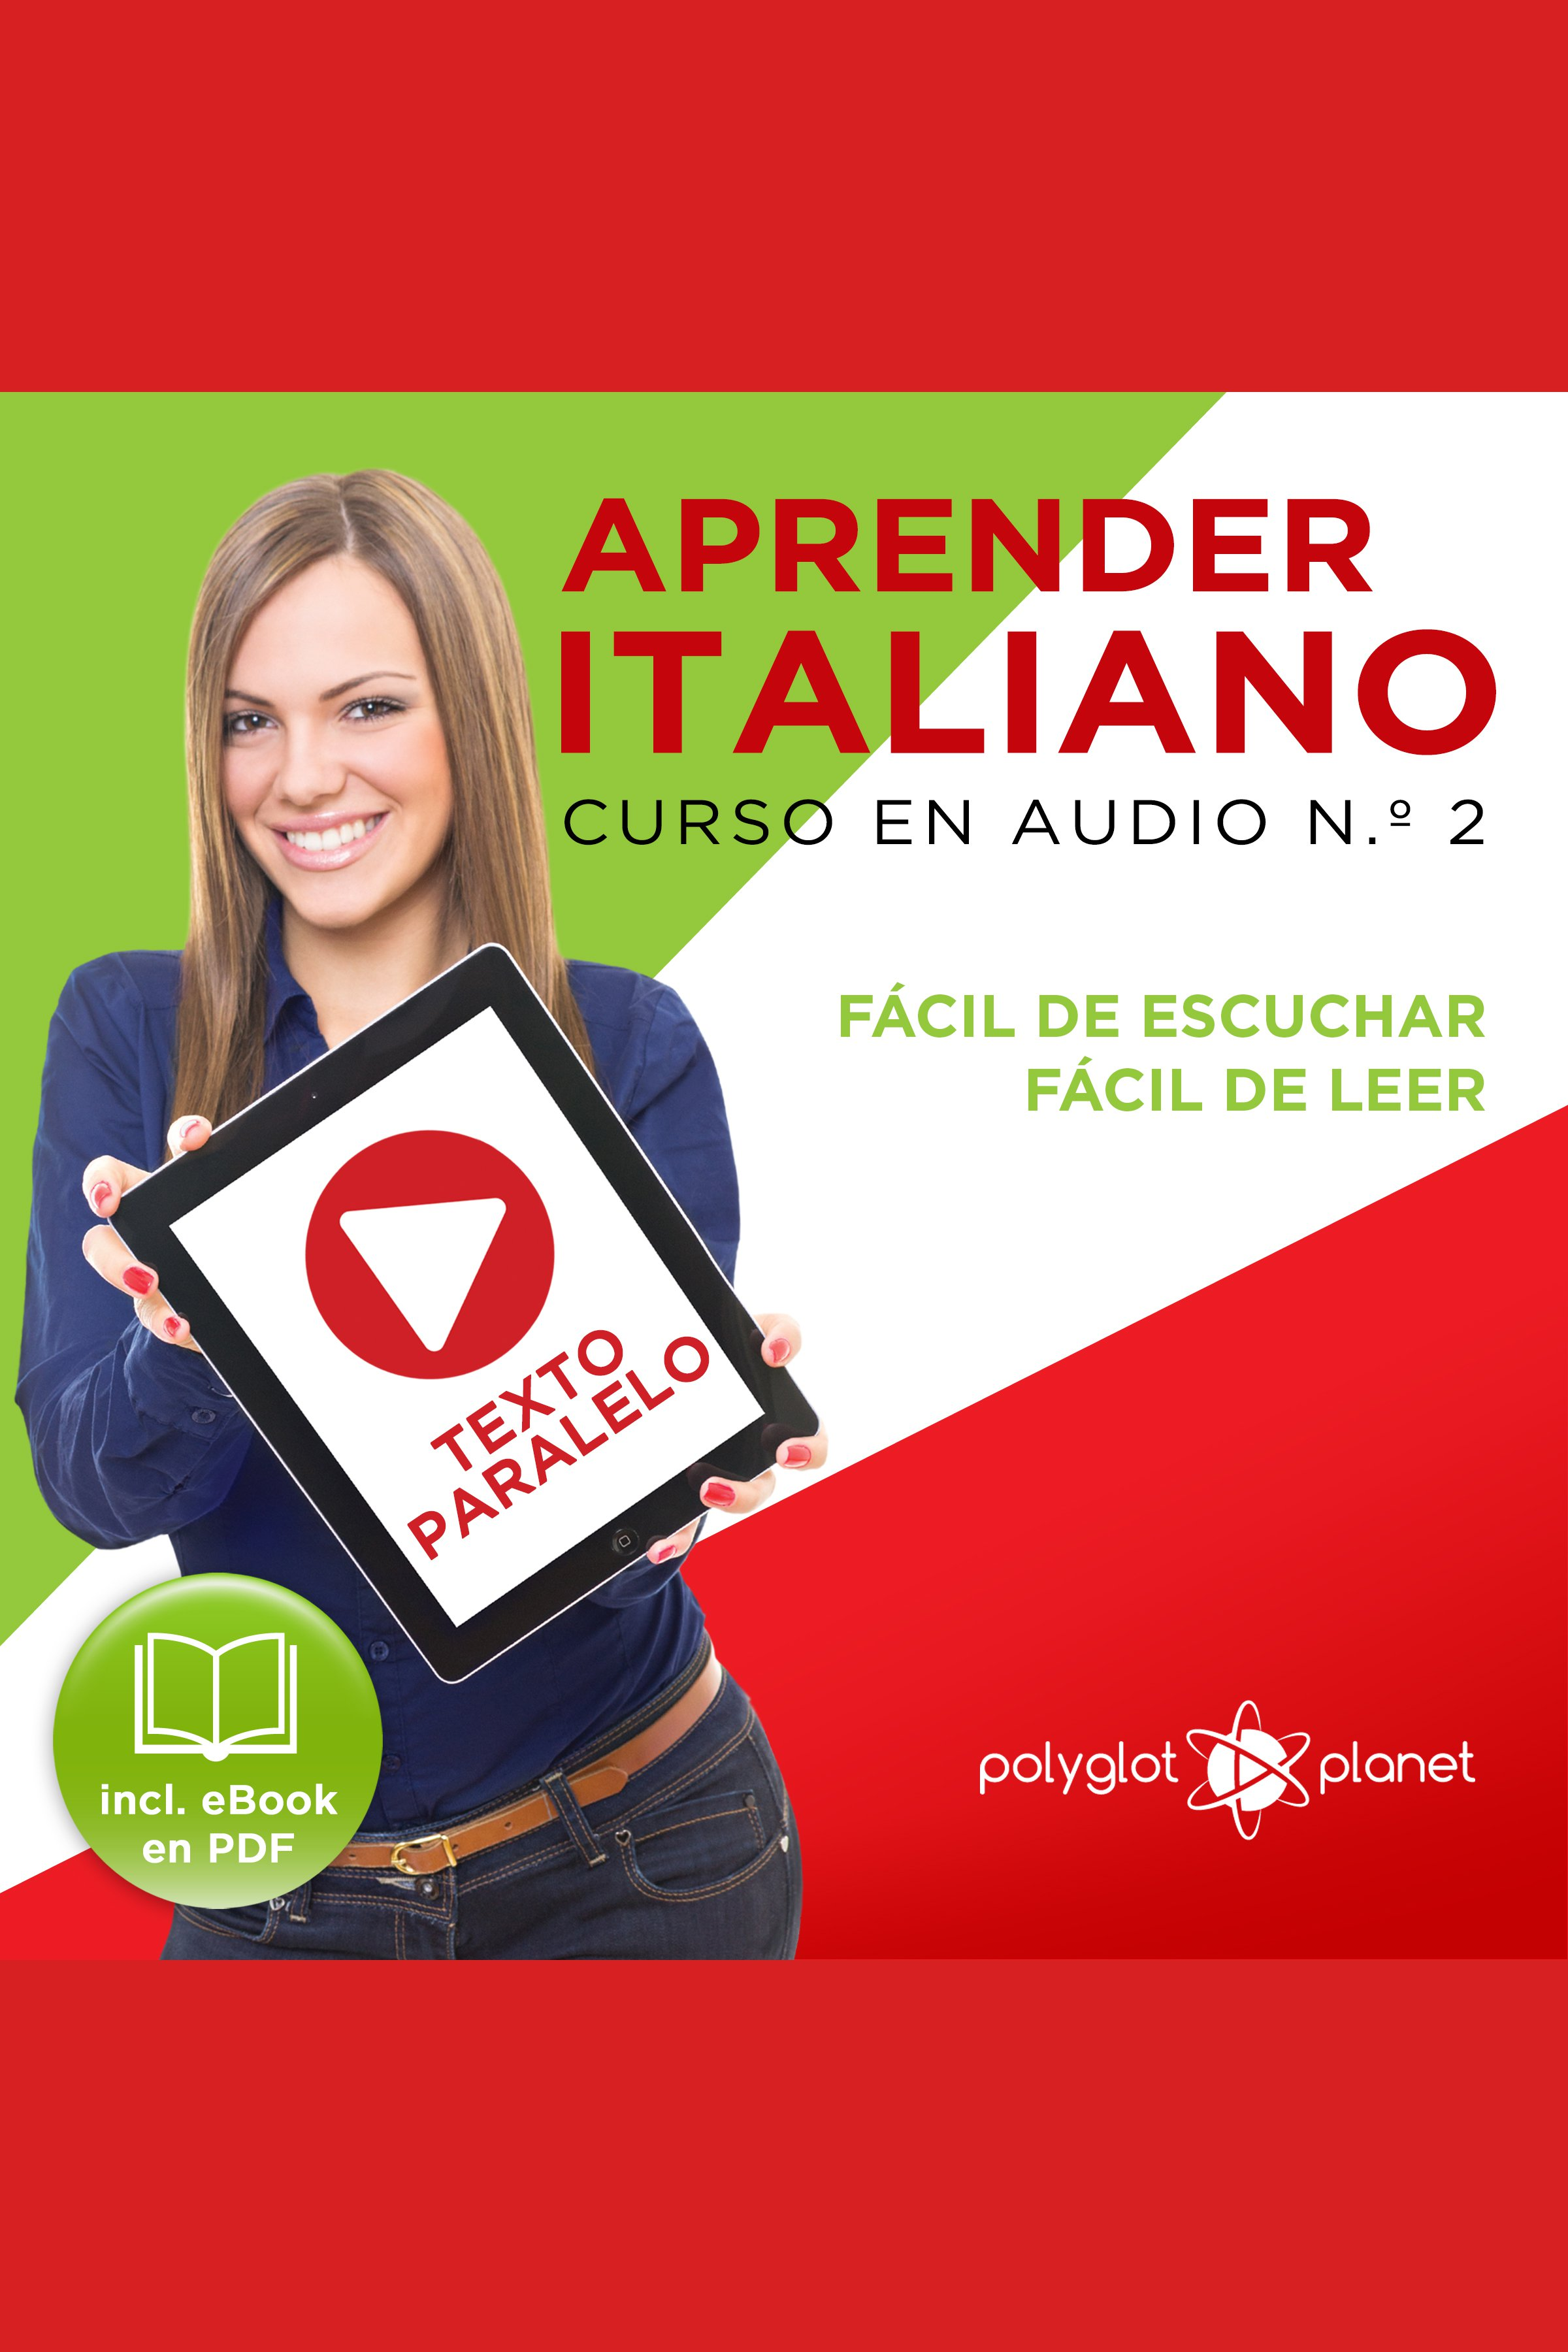 Esta es la portada del audiolibro Aprender Italiano - Texto Paralelo - Fácil de Leer - Fácil de Escuchar: Curso en Audio No. 2 [Learn Italian - Parallel Text - Easy Reader - Easy Audio: Audio Cousre No. 2]: Lectura Fácil en Italiano